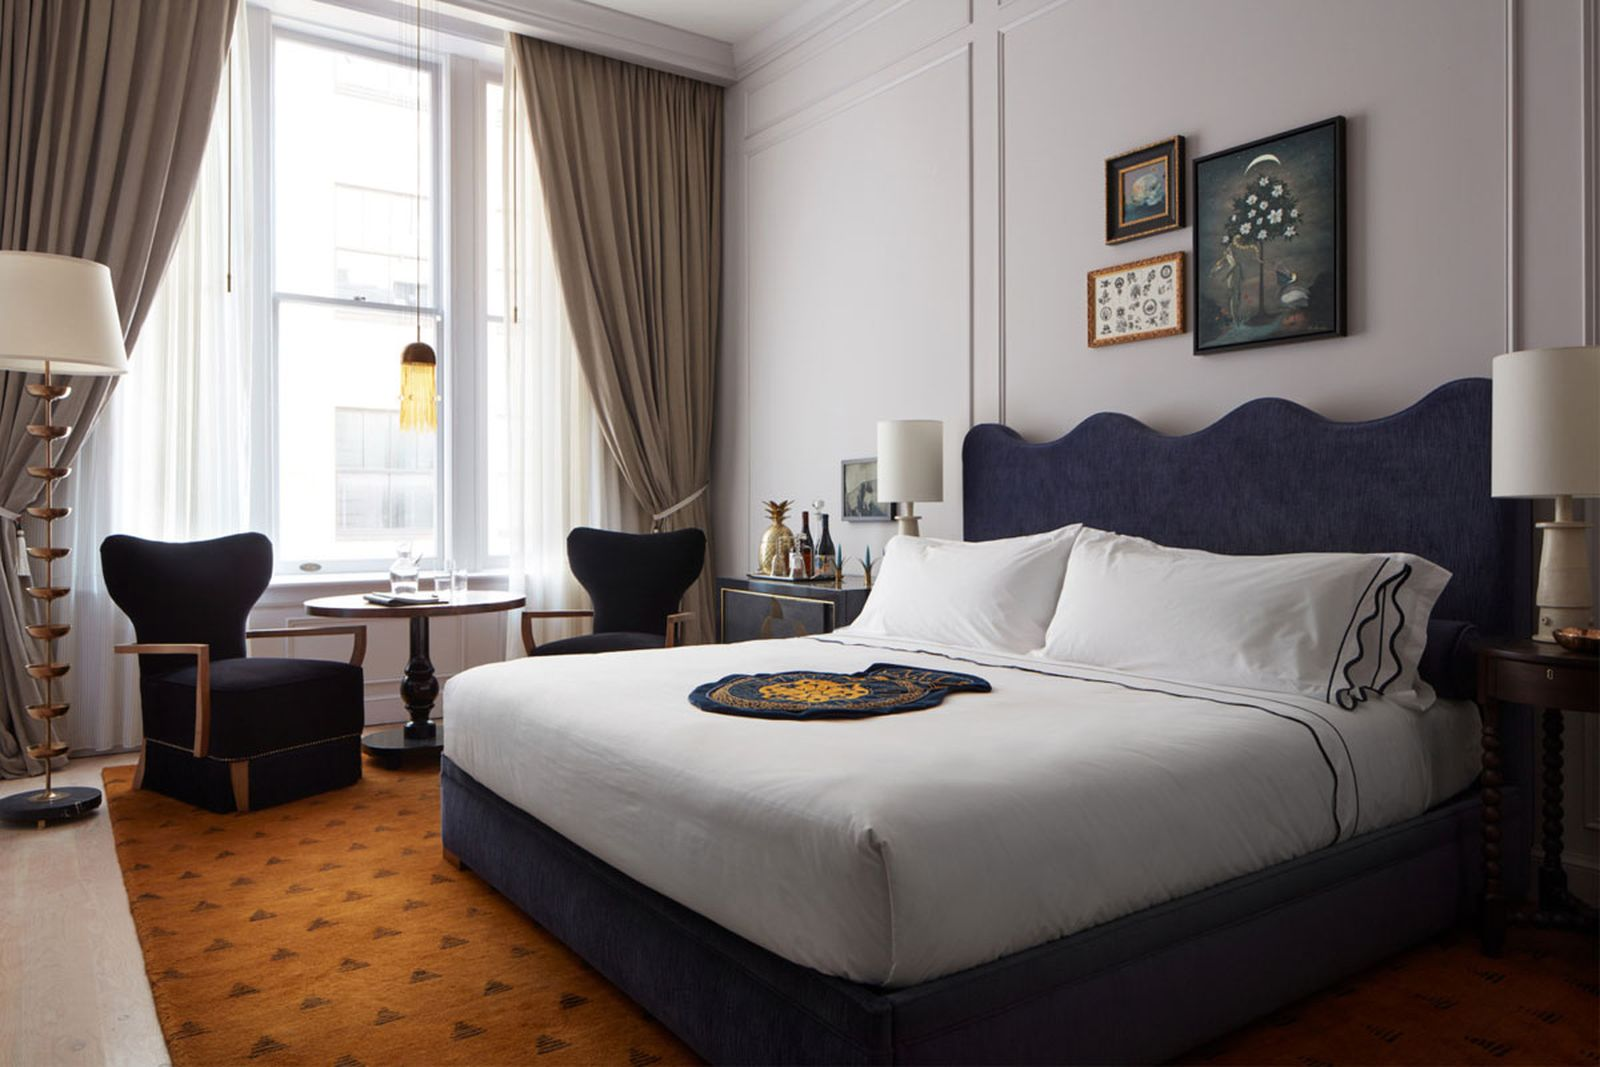 maison de la luz hotel new orleans ace hotel